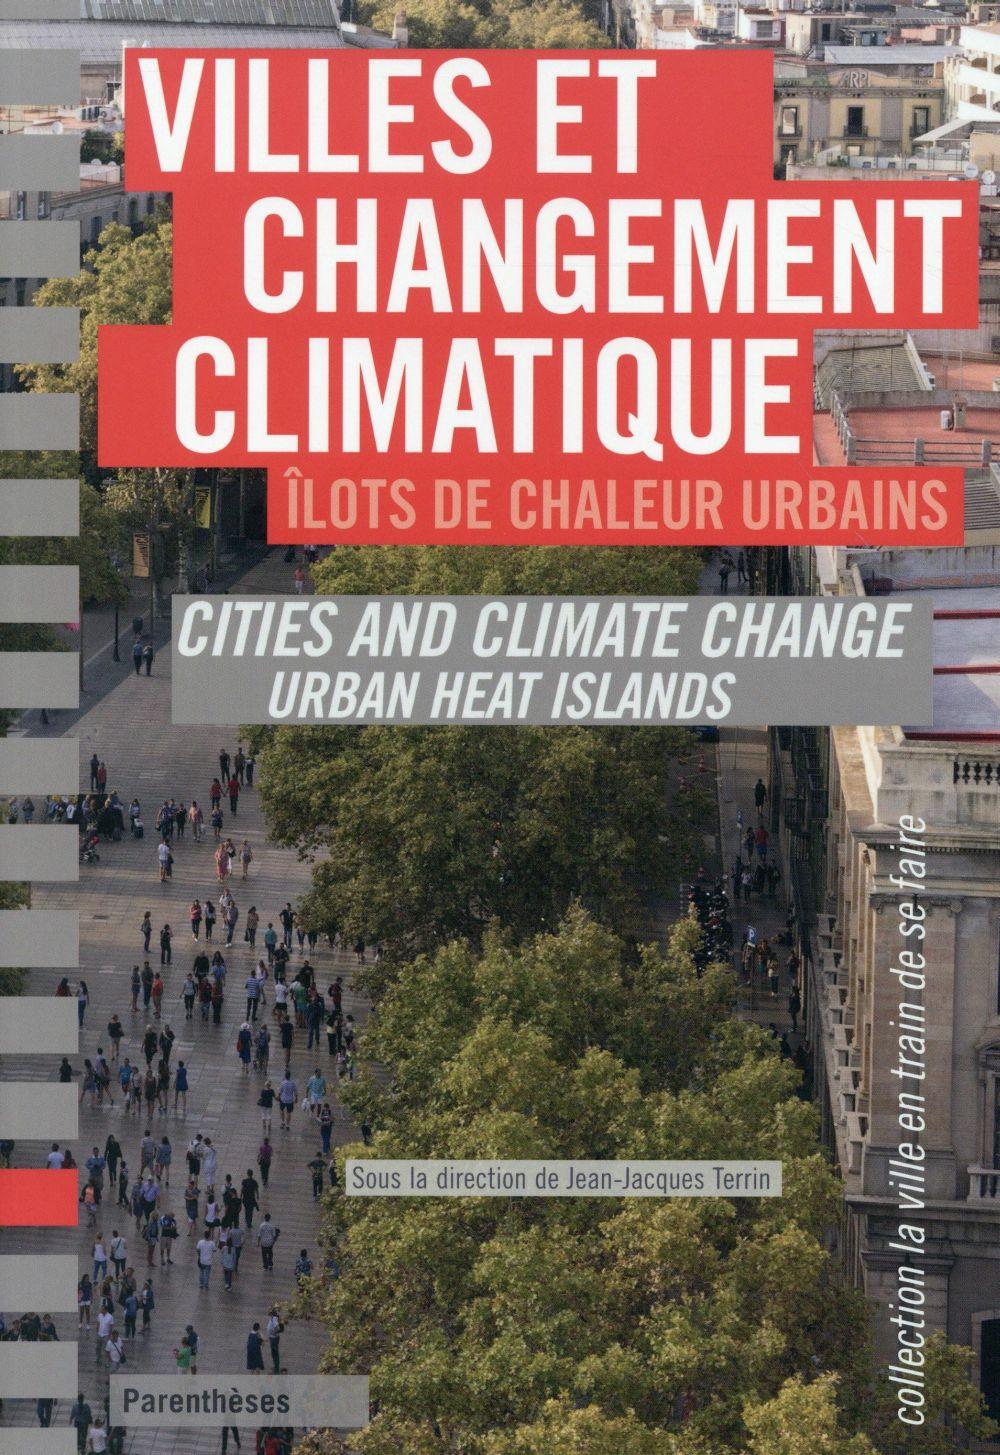 VILLES ET CHANGEMENT CLIMATIQUE ILOTS DE CHALEUR URBAINS